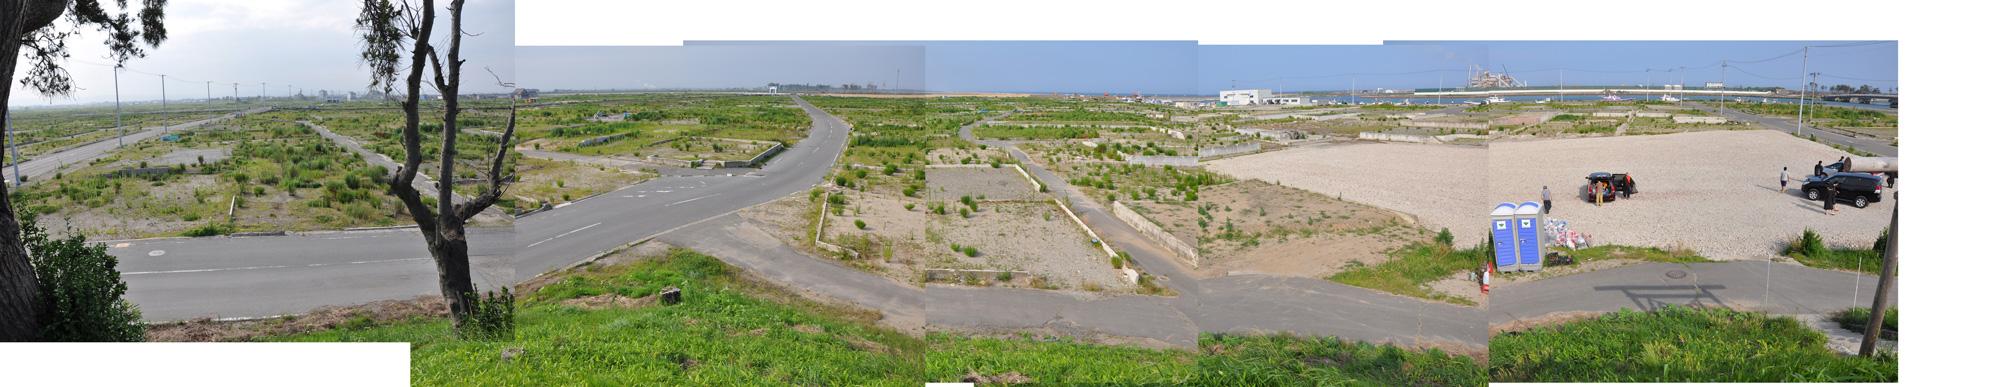 閖上日和山定点観測(西北西-東南東)2012年7月